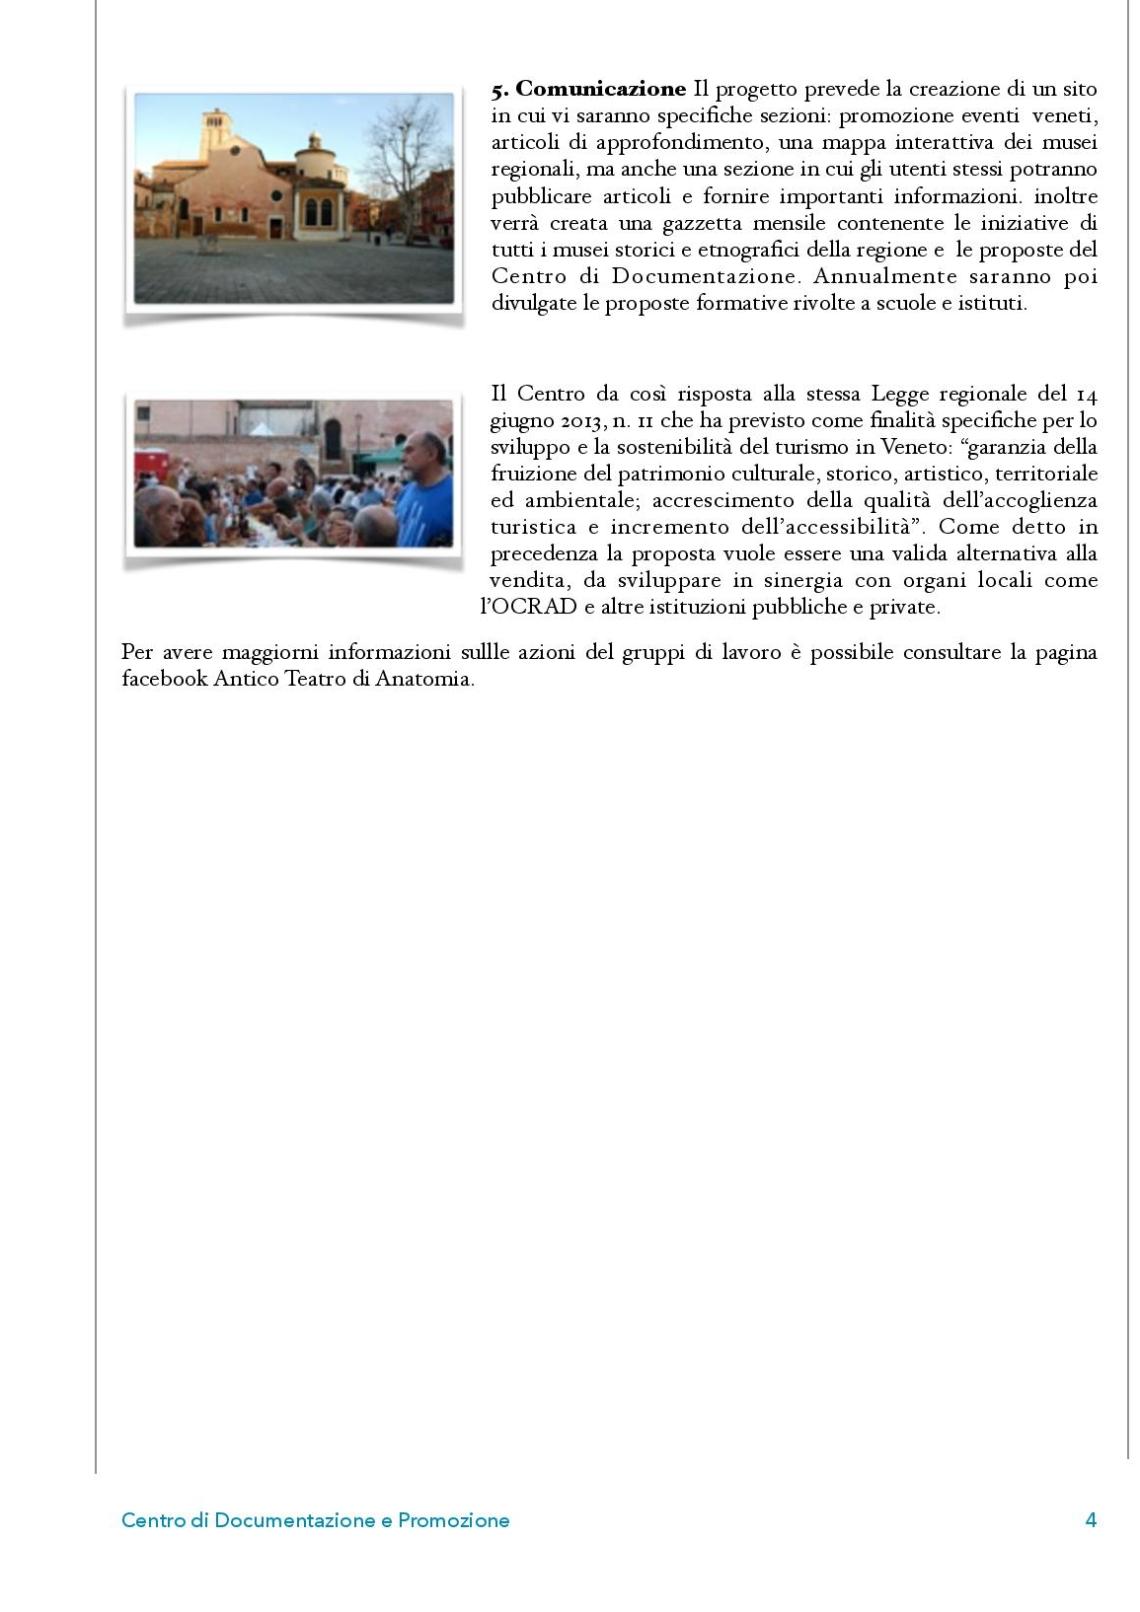 Progetto 2015 Centro di Documentazione e Promozione - Antico Teatro di Anatomia-page-004 (1)